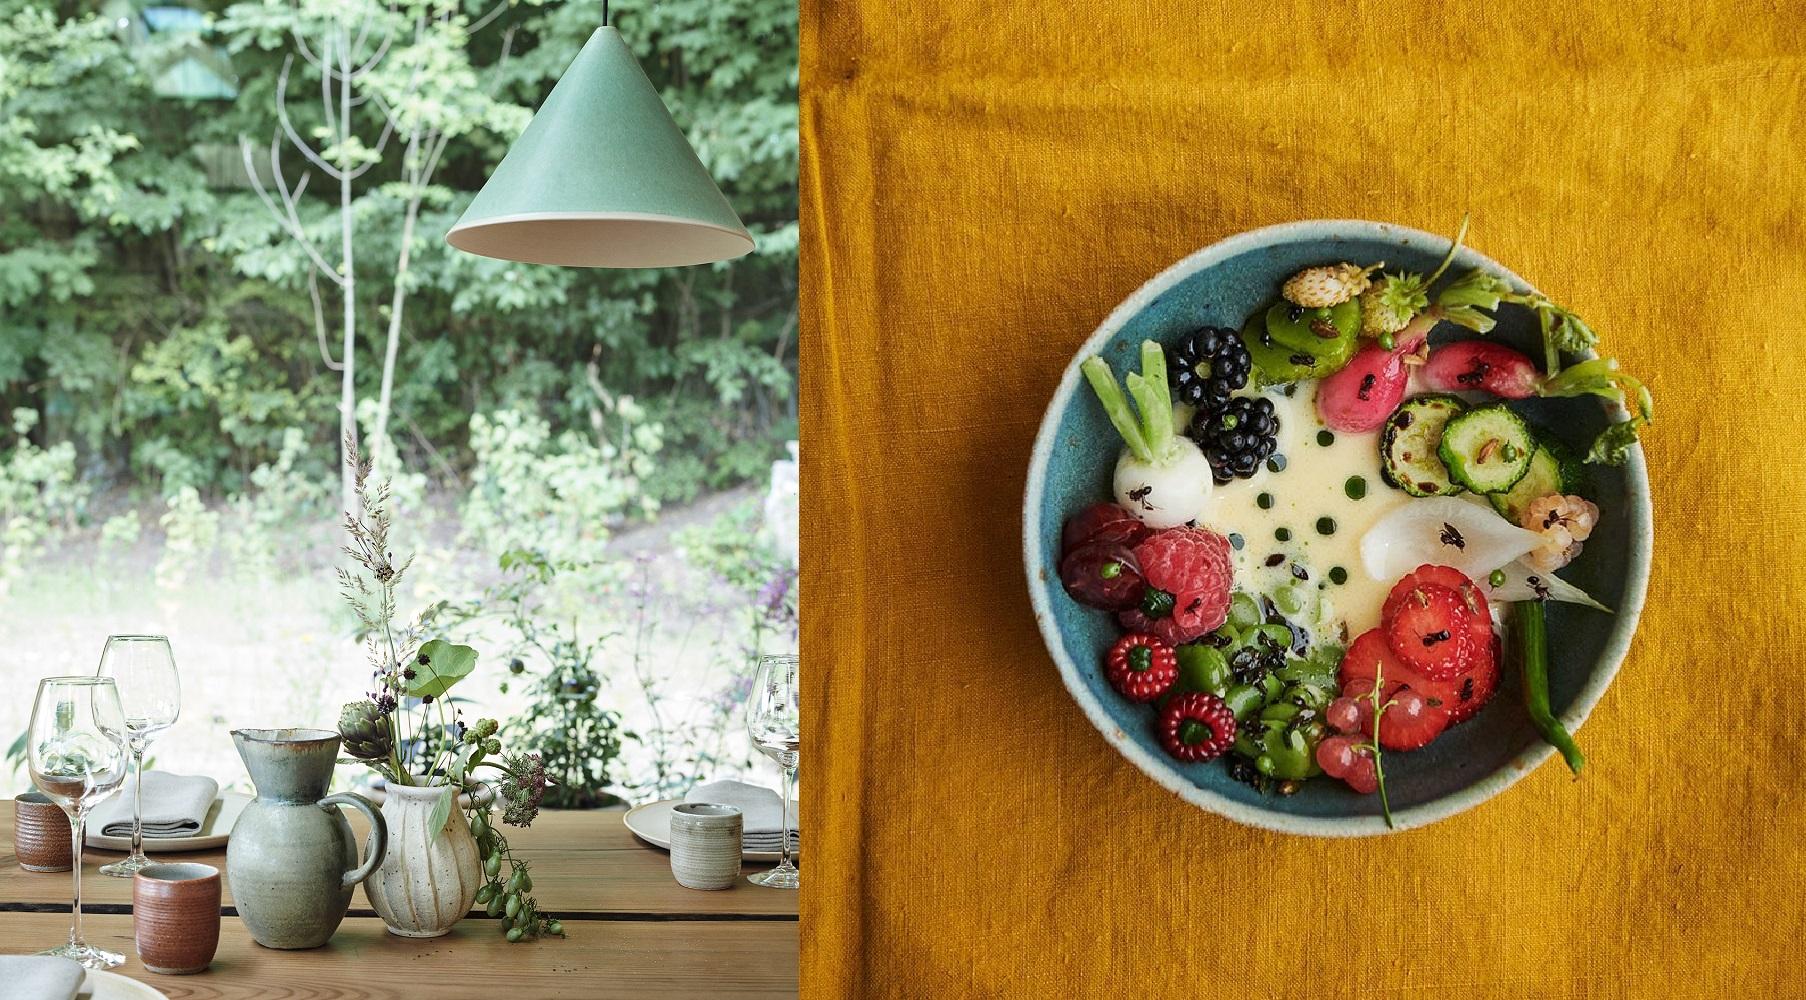 睽違兩年的世界50大最佳餐廳名單出爐 丹麥Noma重登王者寶座